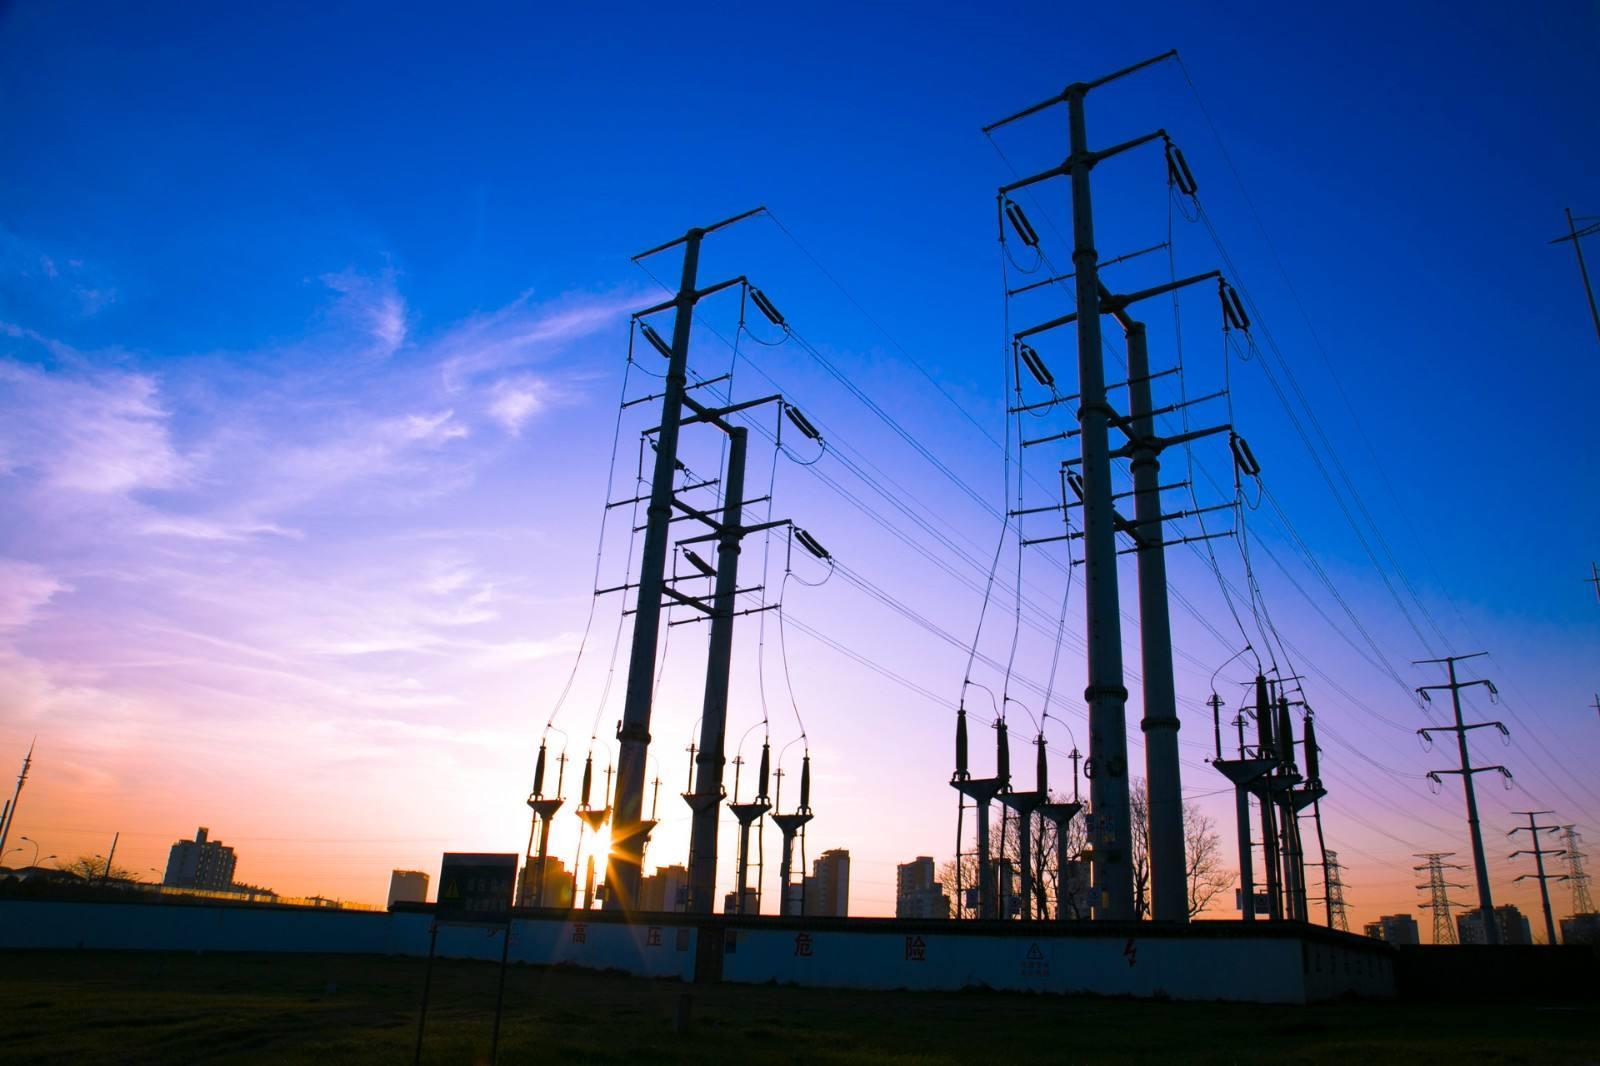 官亭-潍坊特高压变电站500千伏线路工程全线贯通